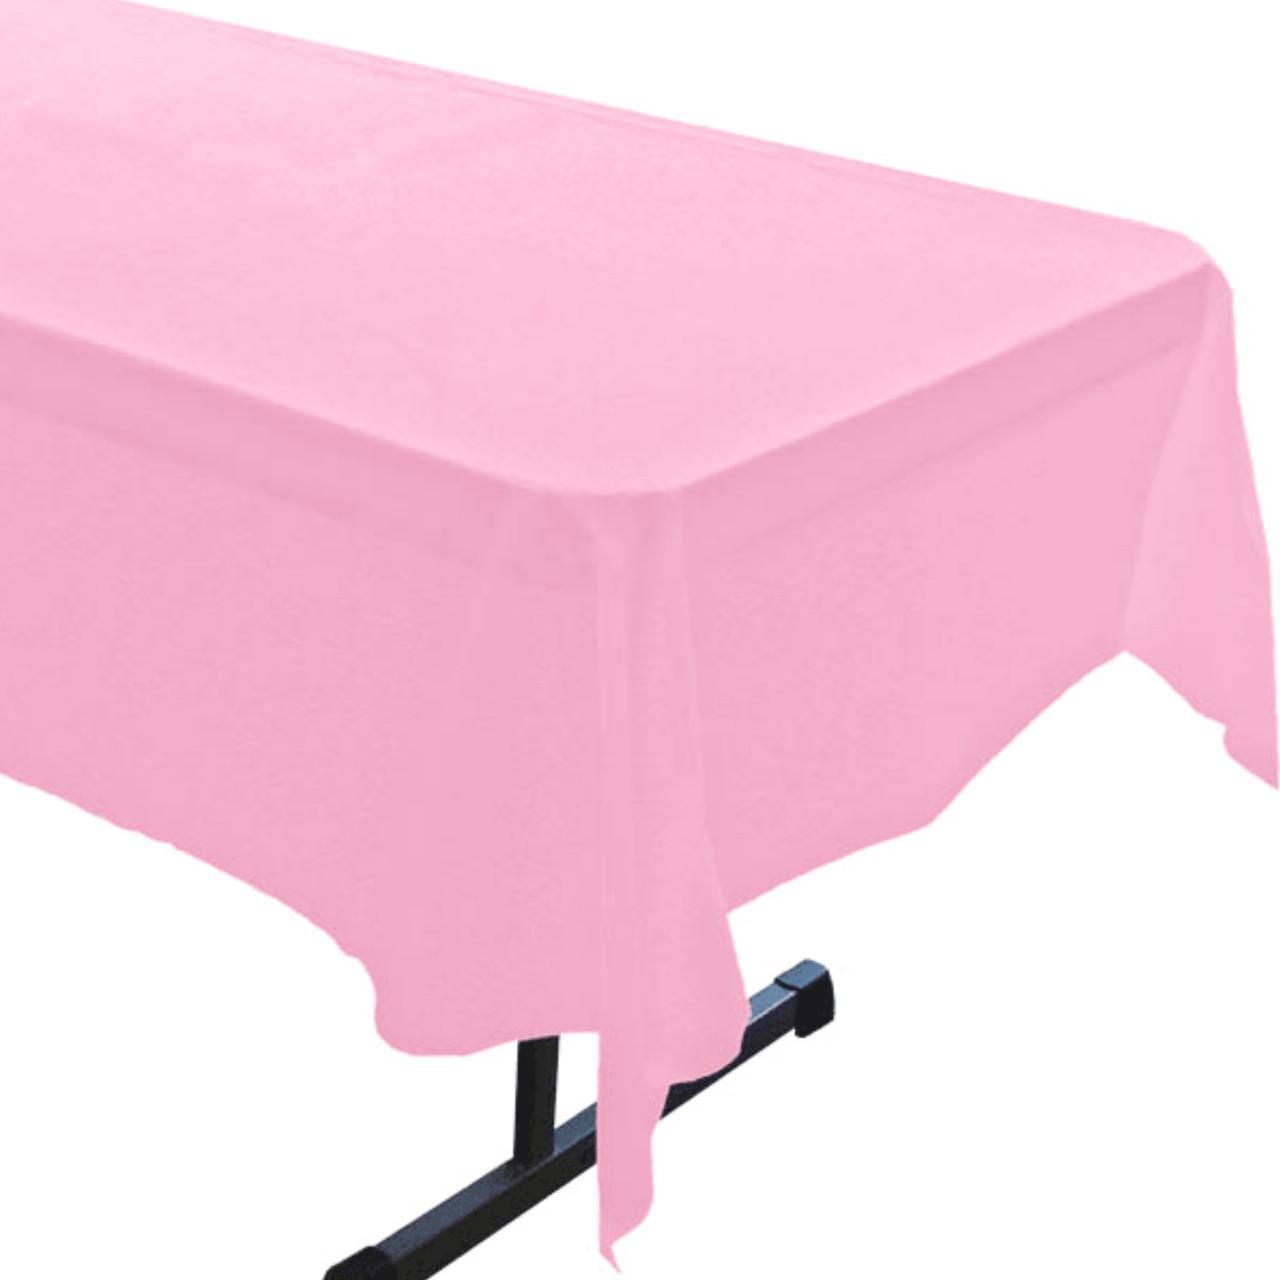 Скатерть розовая полиэтиленовая